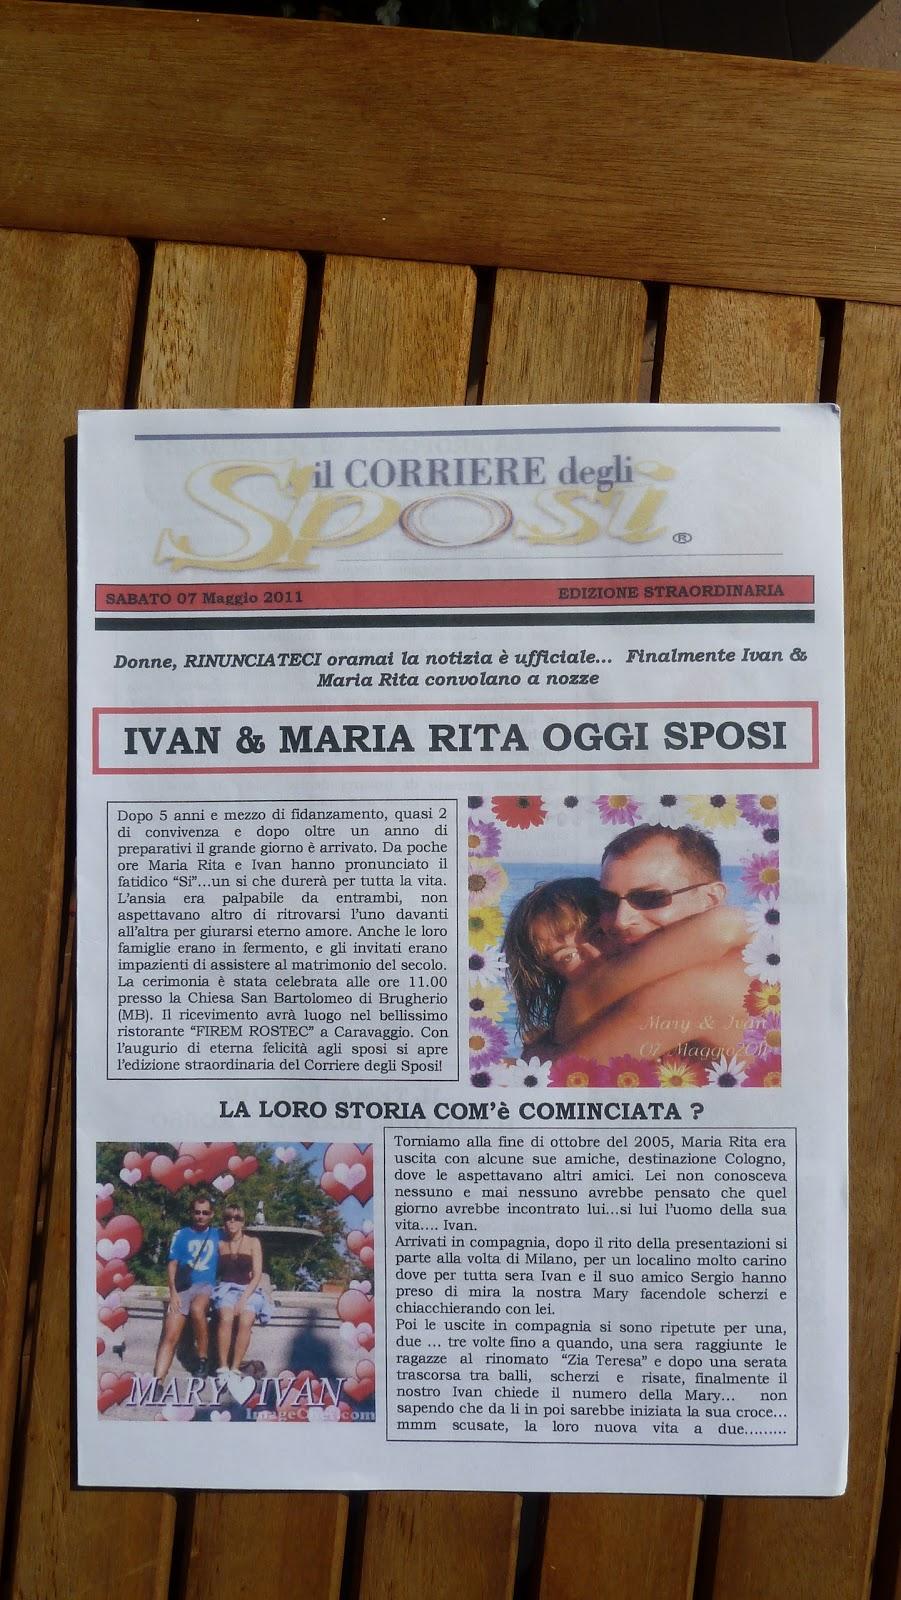 Profumo di matrimonio corriere degli sposi gazzetta for Degli sposi